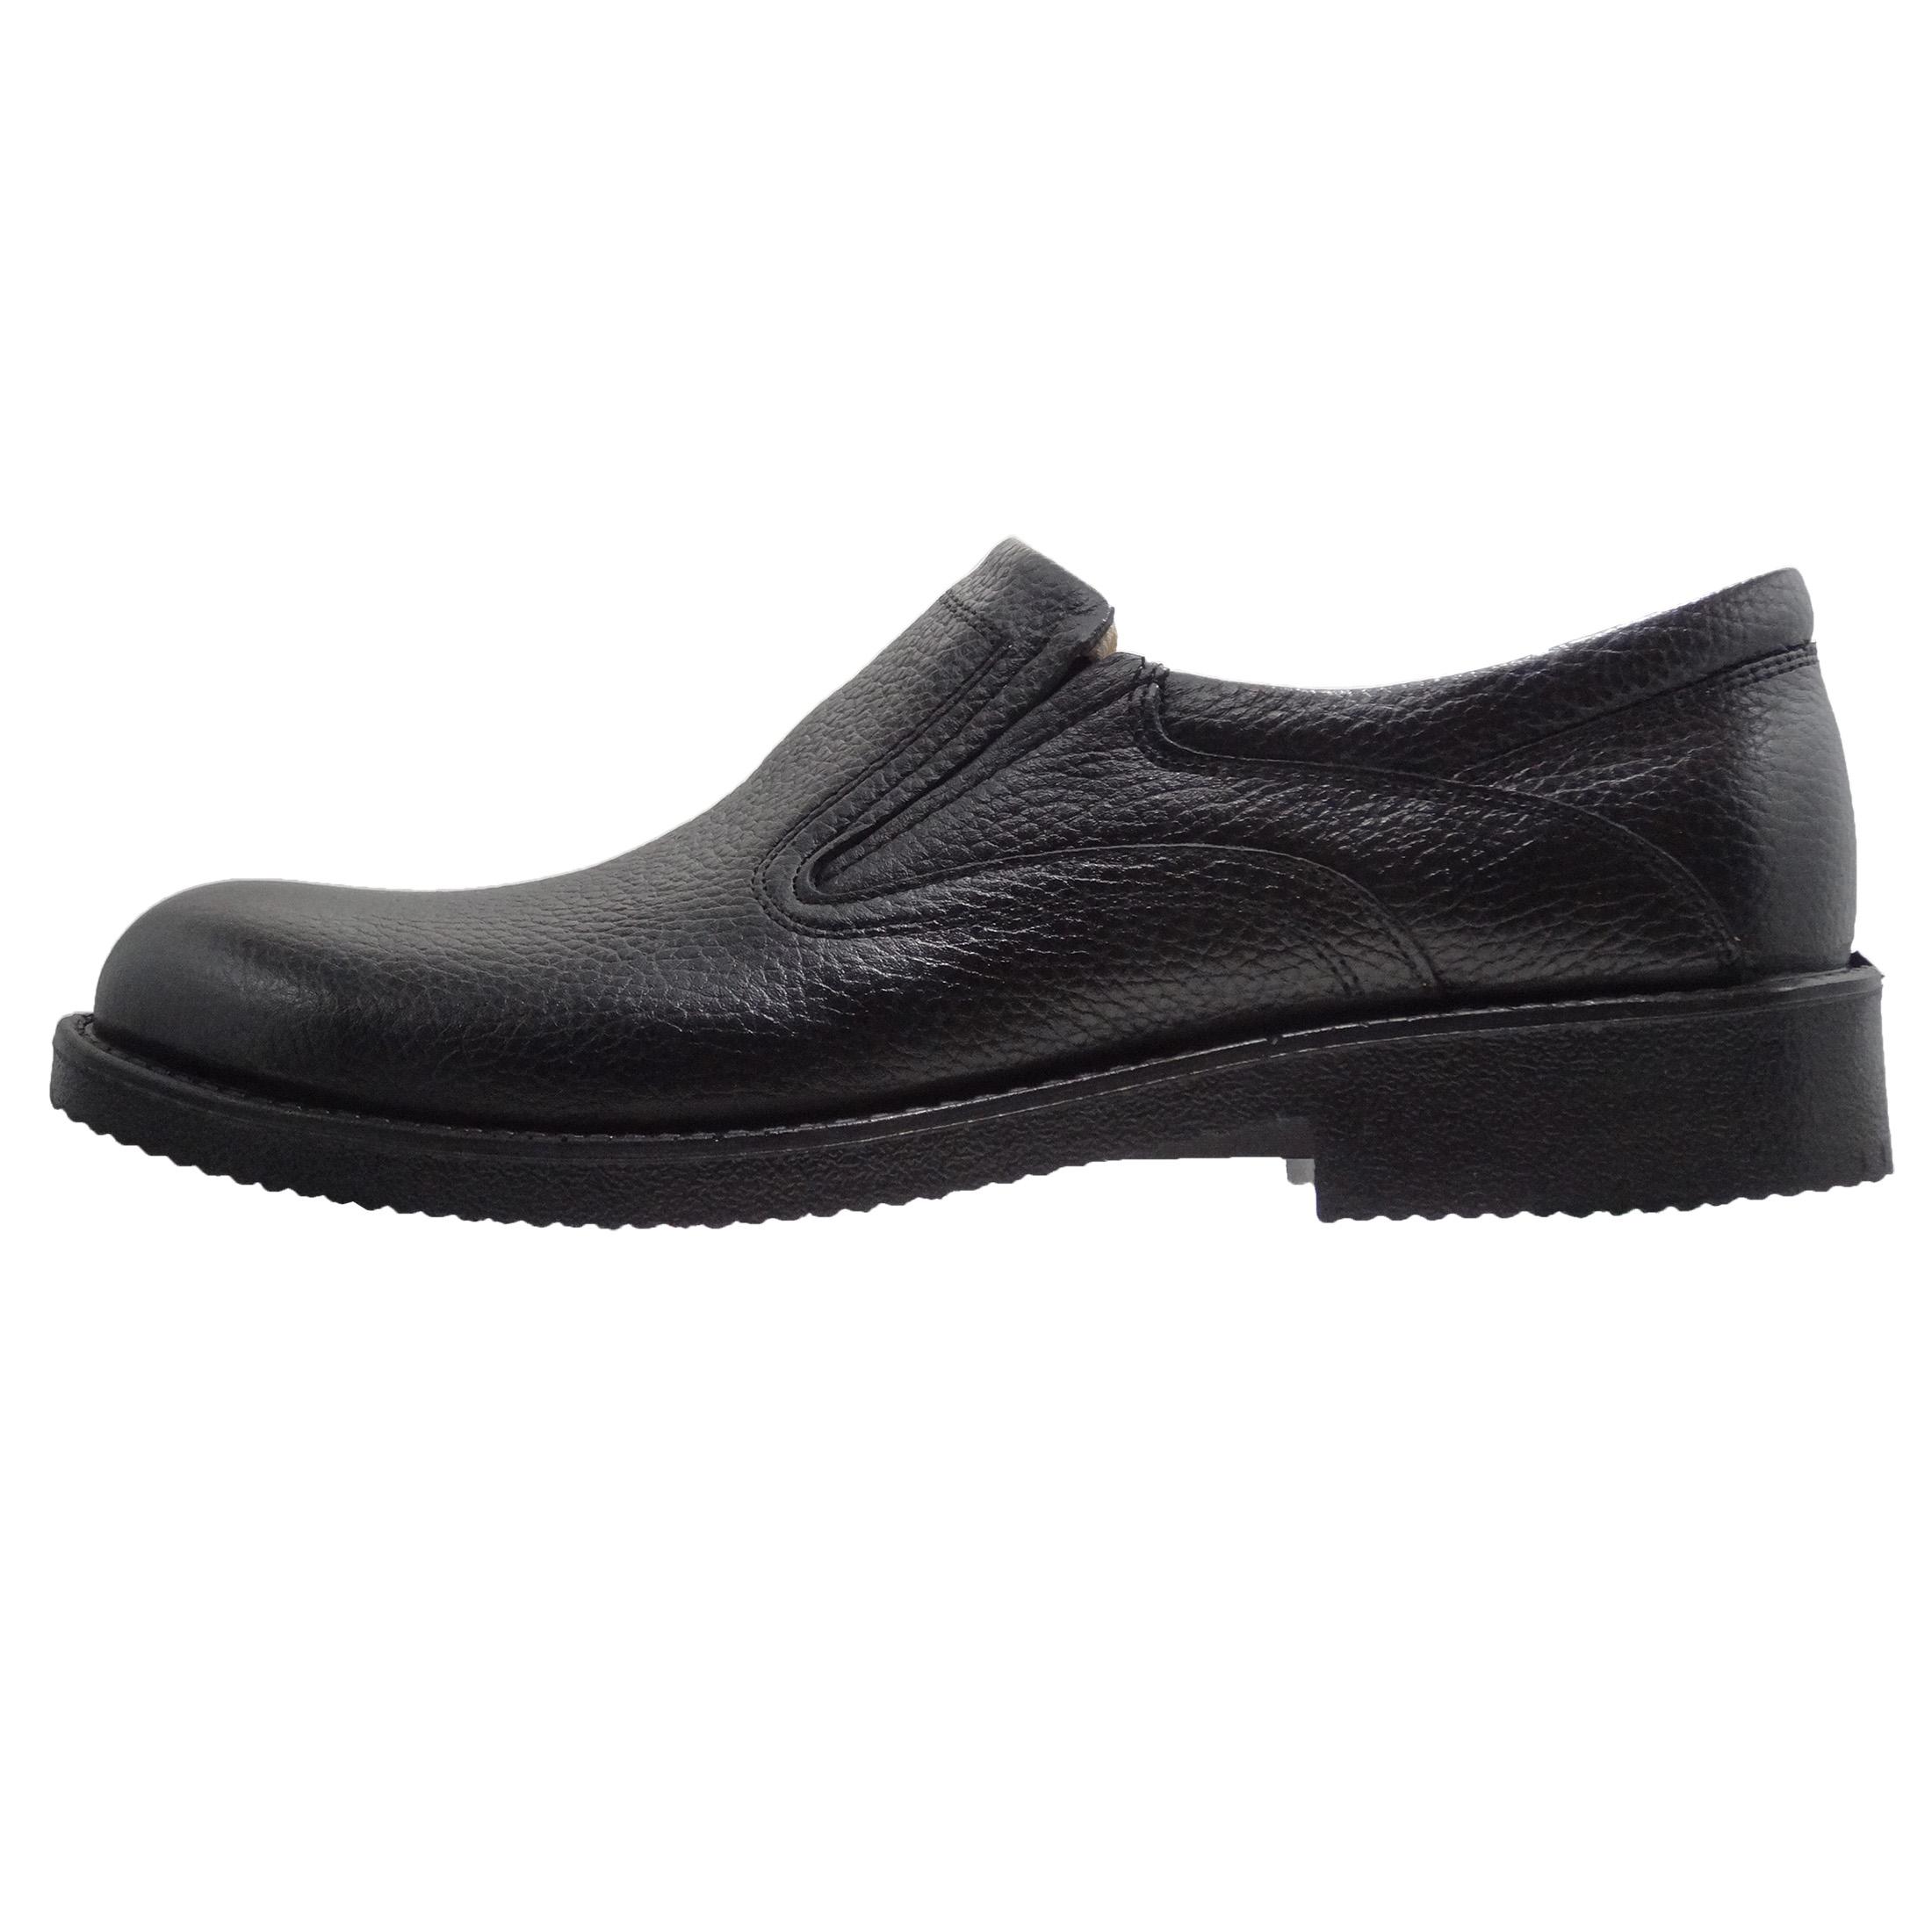 تصویر کفش مردانه فرزین مدل فیگو کد 2921